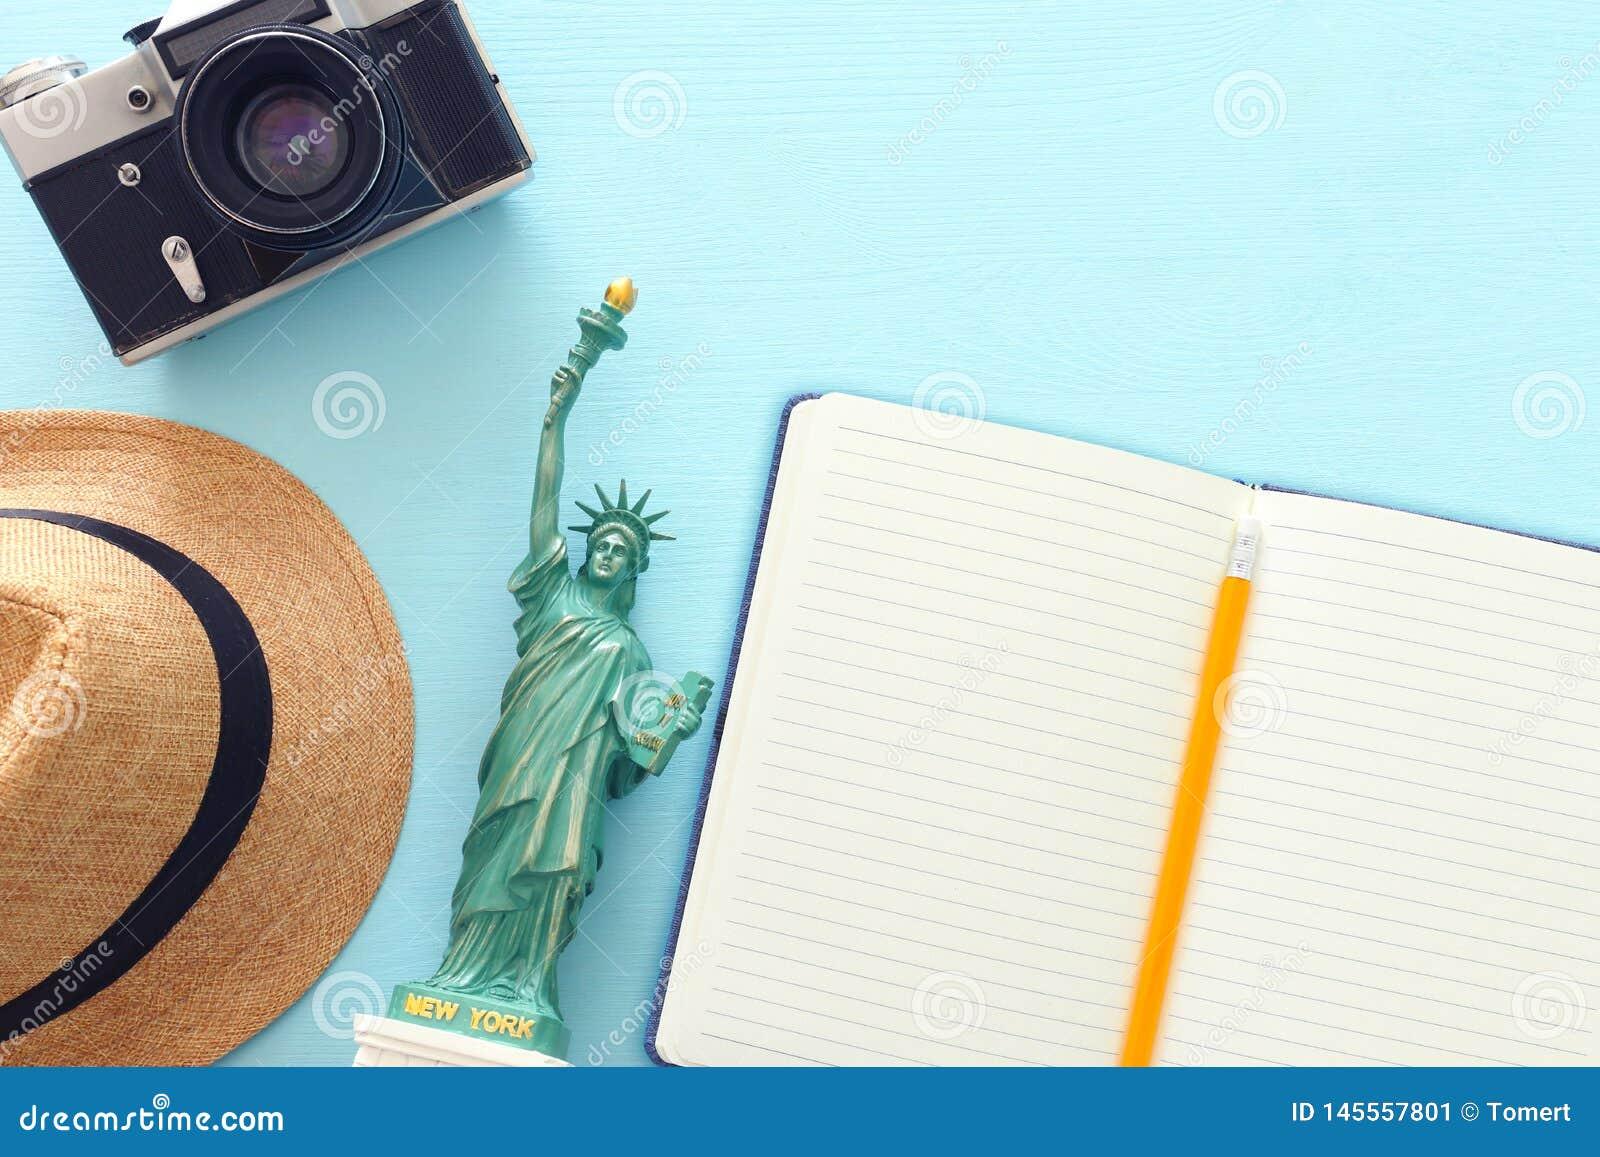 Έννοια ταξιδιού με το αμερικανικό άγαλμα συμβόλων της ελευθερίας και του κενού σημειωματάριου για το σκηνικό